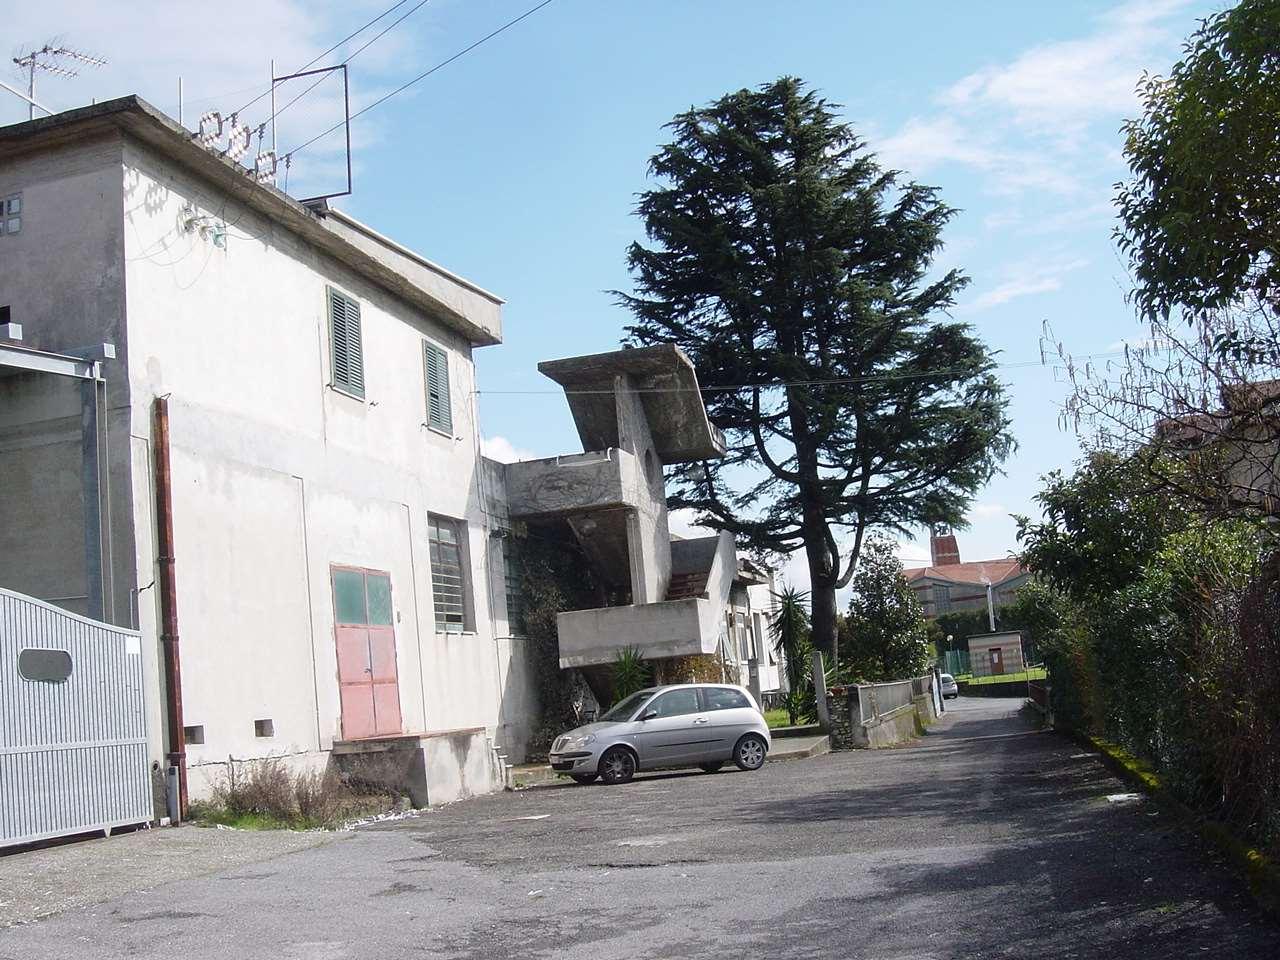 Capannone in vendita a Ortonovo, 5 locali, prezzo € 2.000.000 | CambioCasa.it